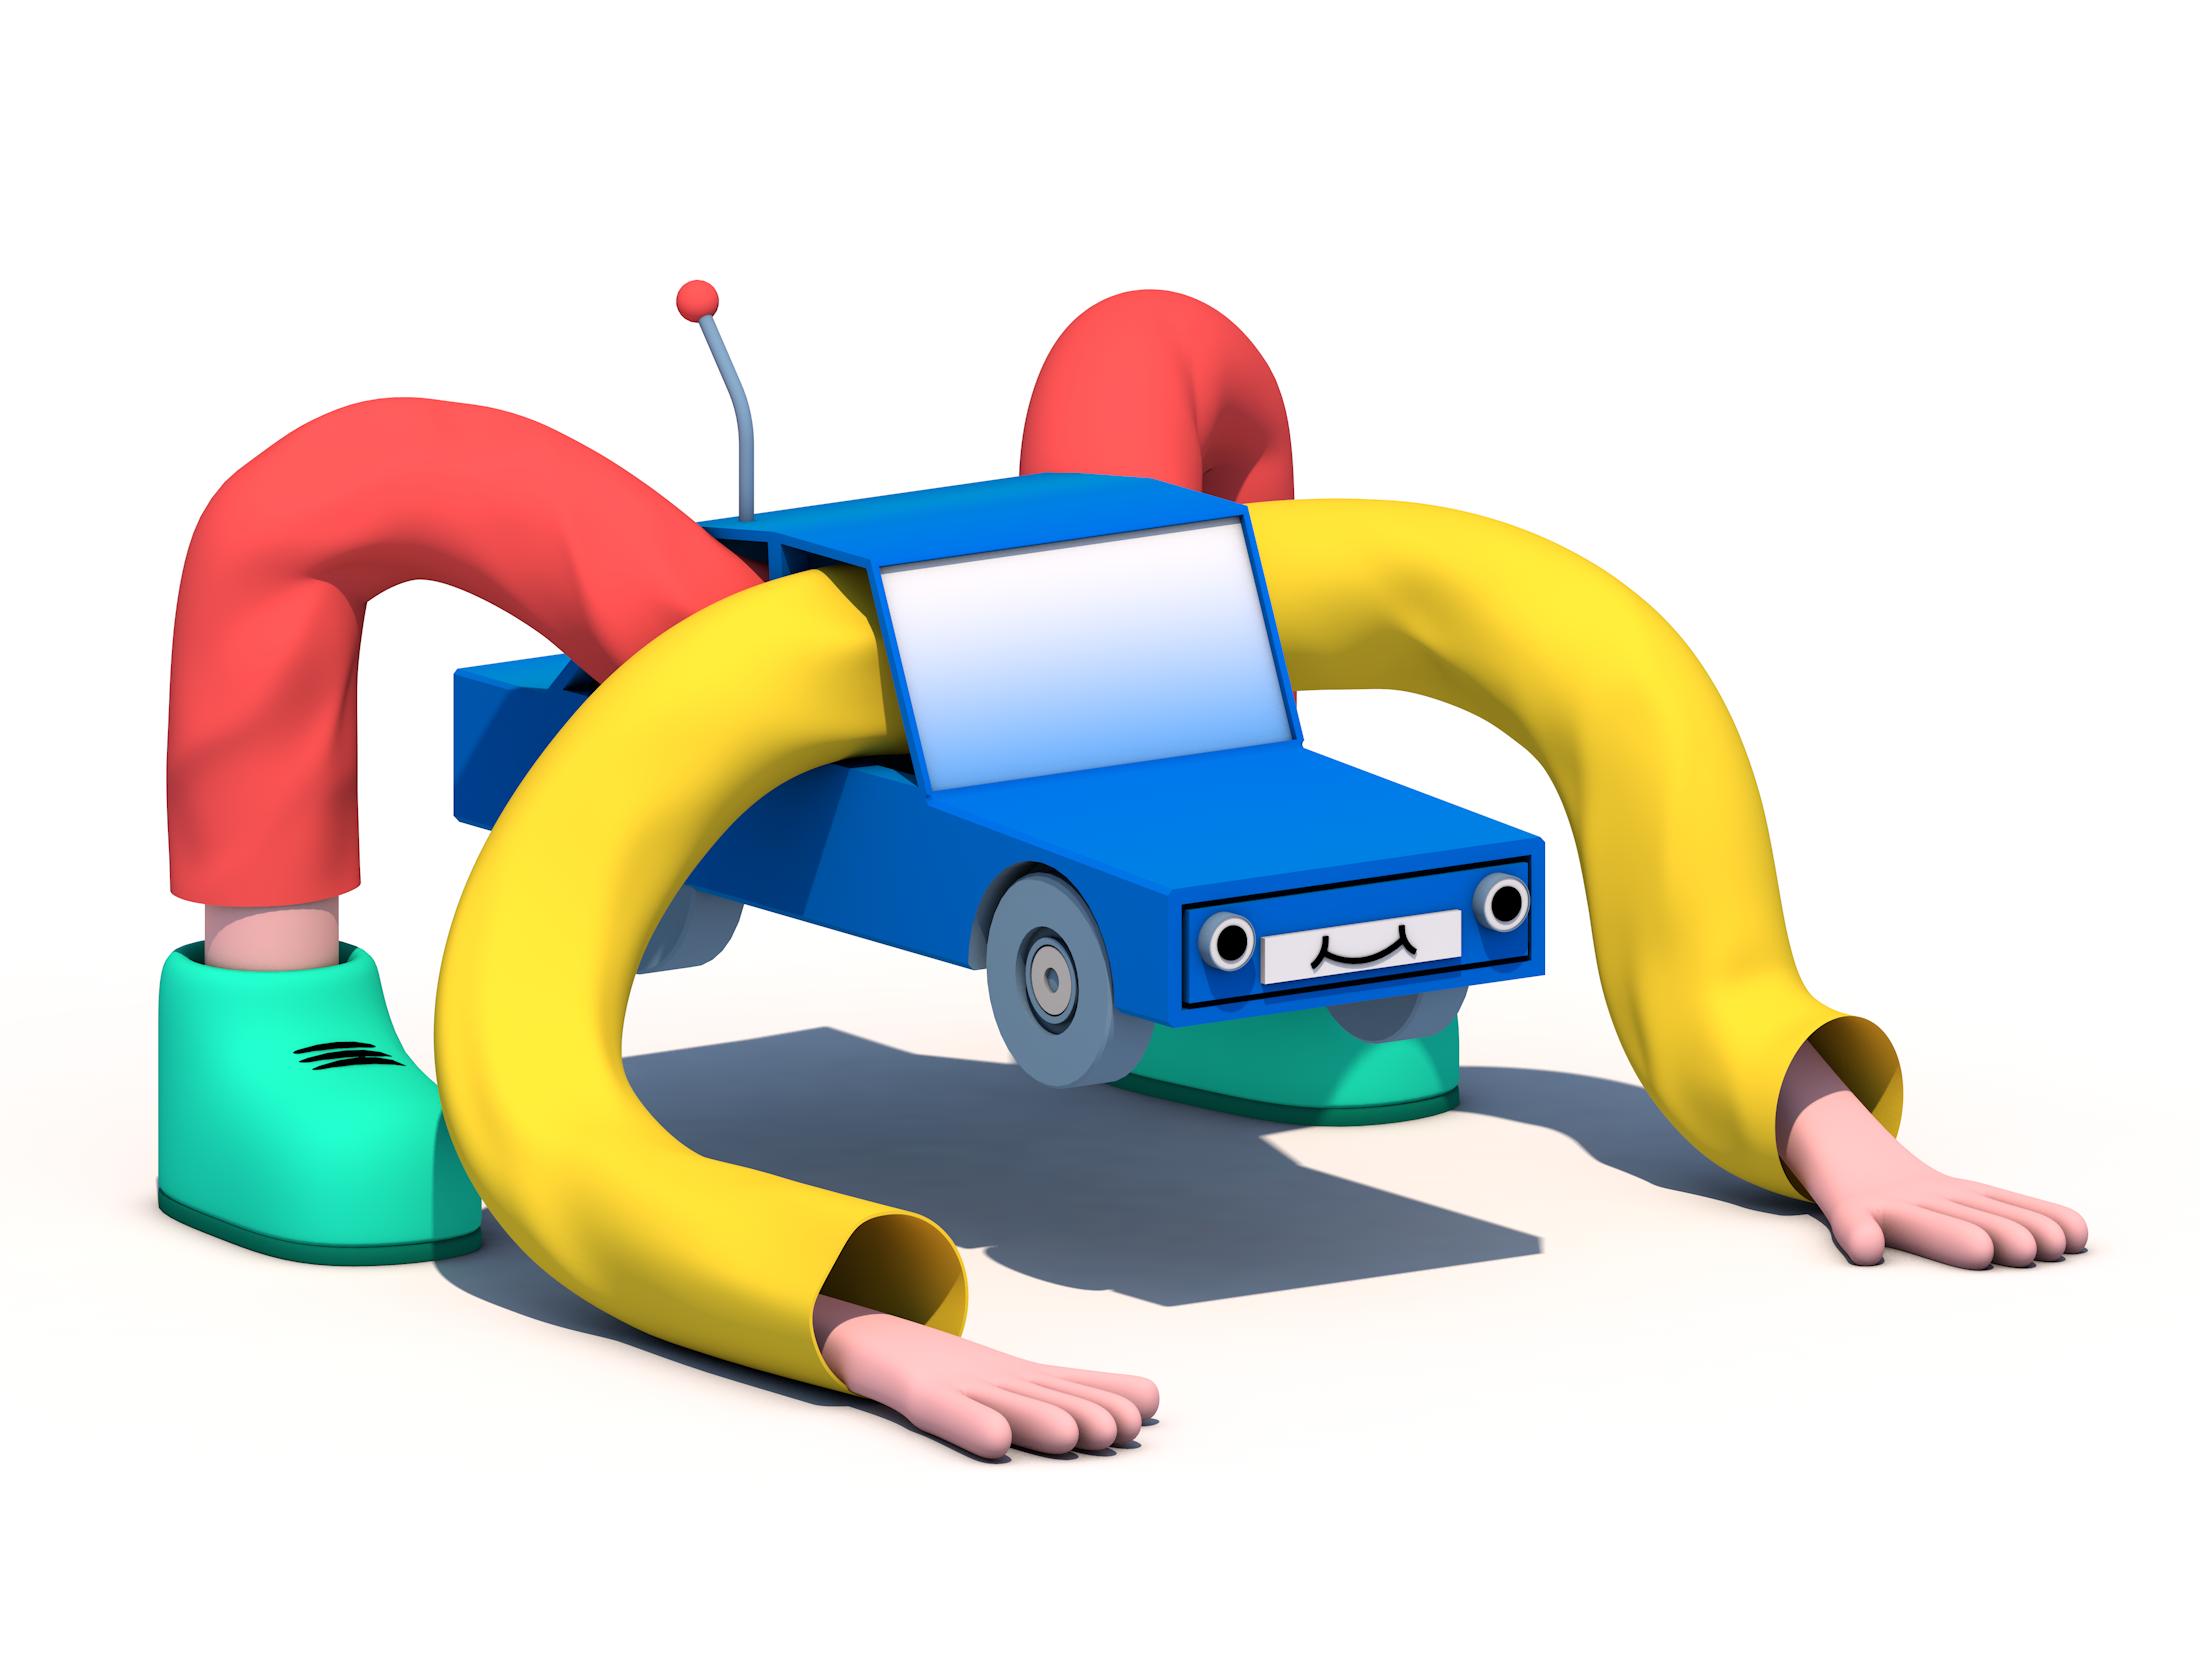 700ドルで ホンダ・シビックを 自動運転車に改造する方法